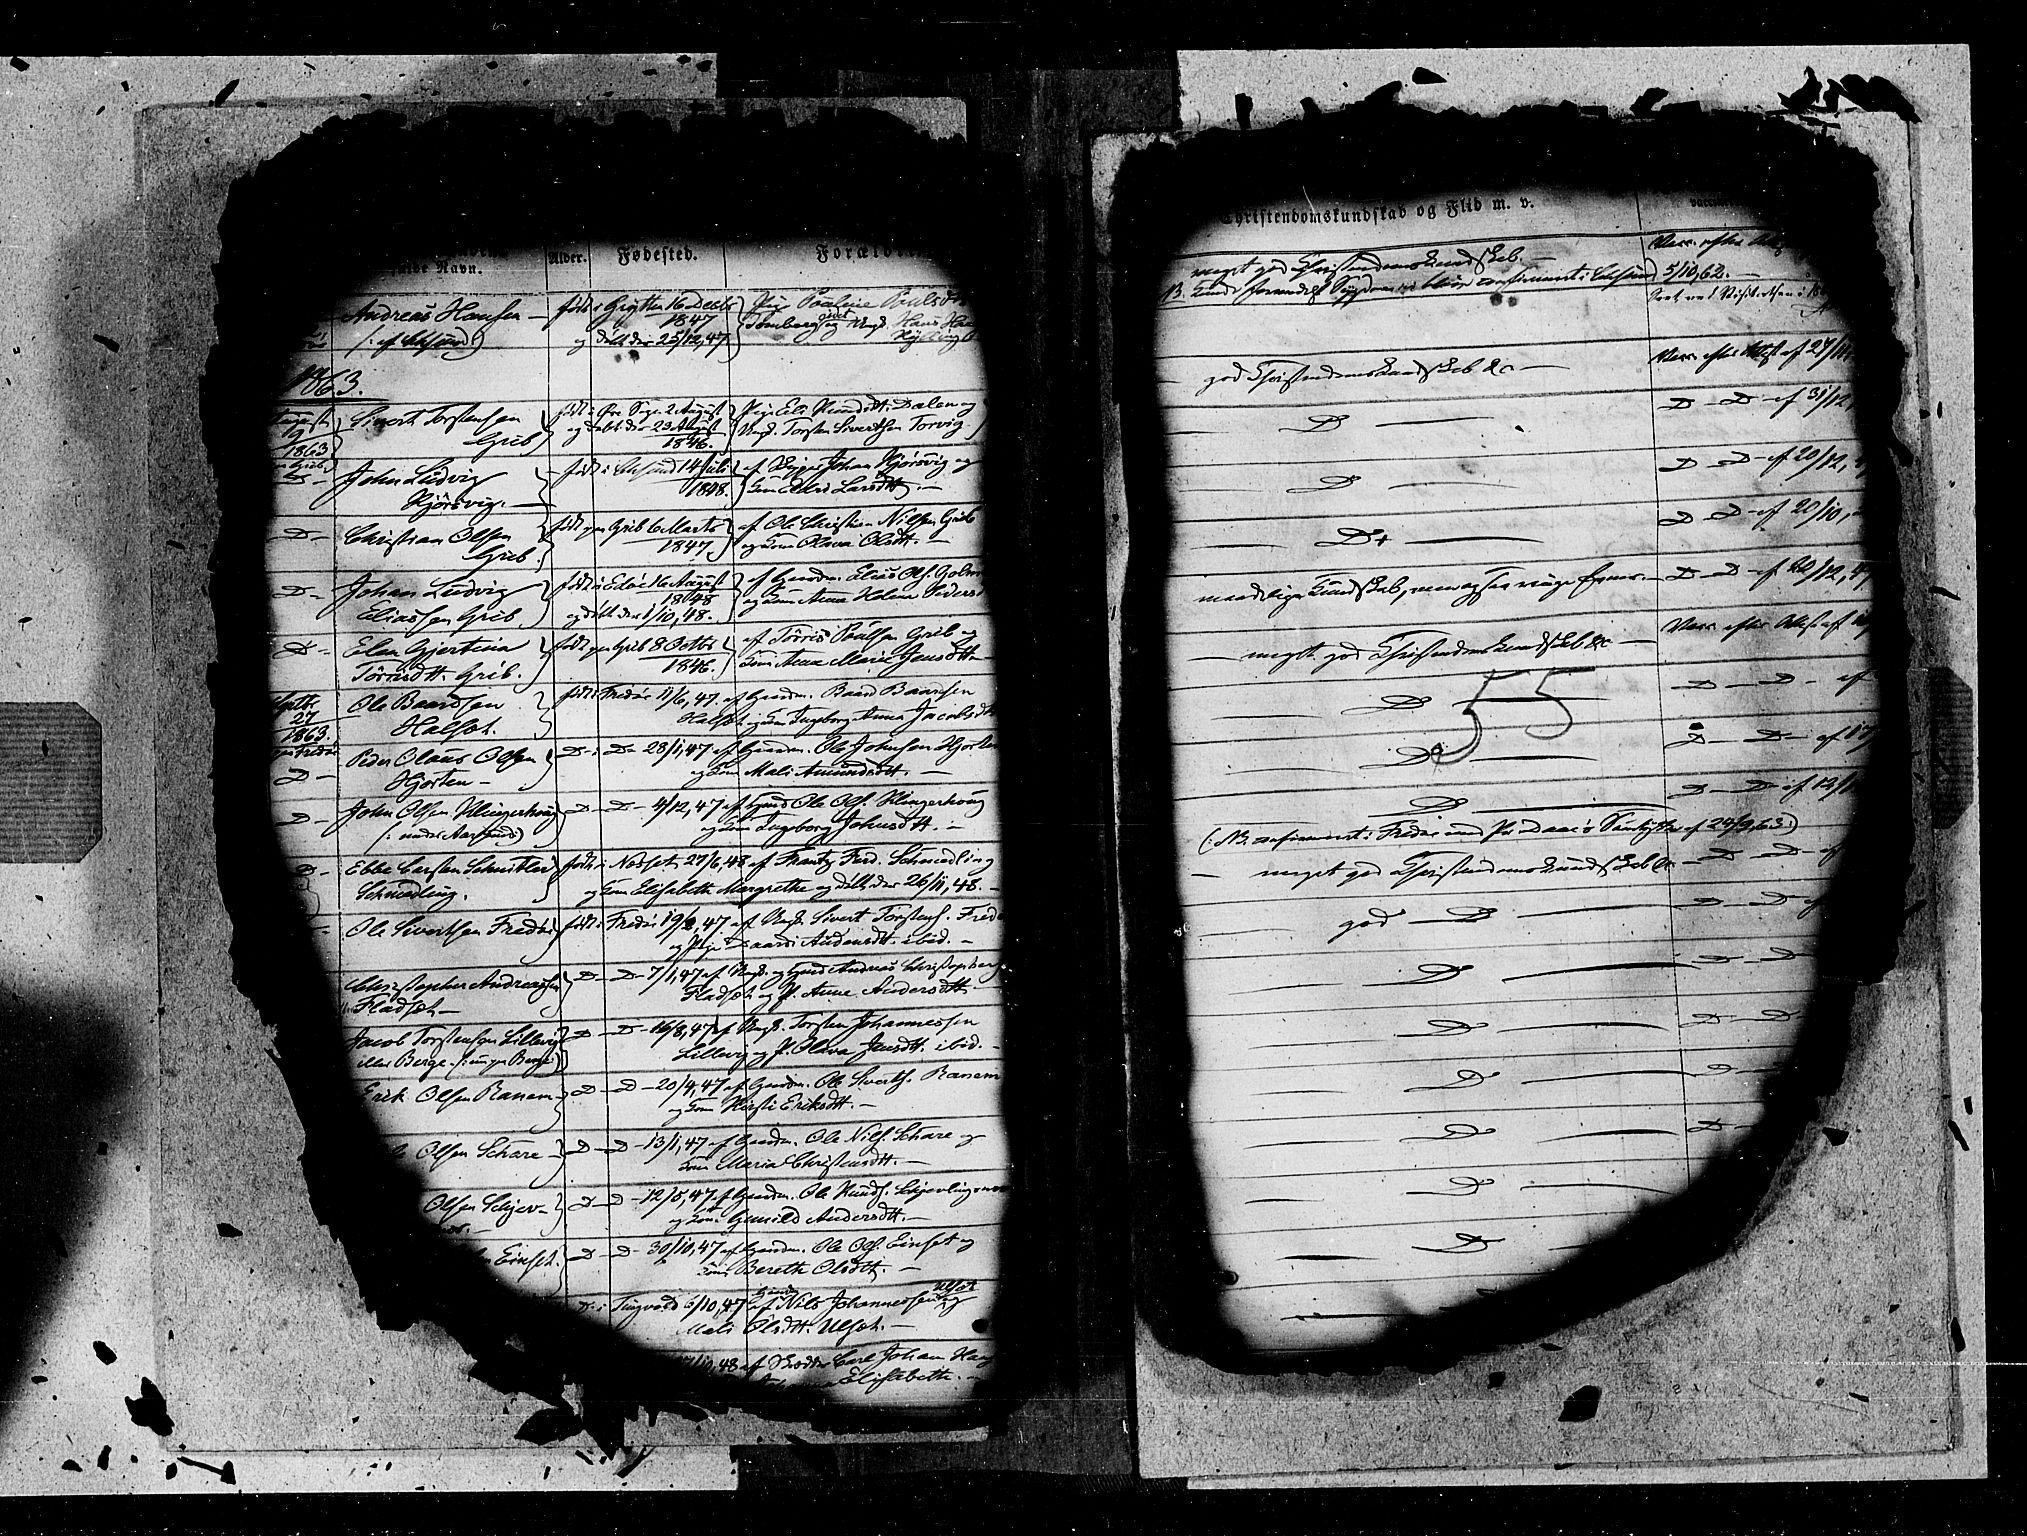 SAT, Ministerialprotokoller, klokkerbøker og fødselsregistre - Møre og Romsdal, 572/L0846: Ministerialbok nr. 572A09, 1855-1865, s. 55